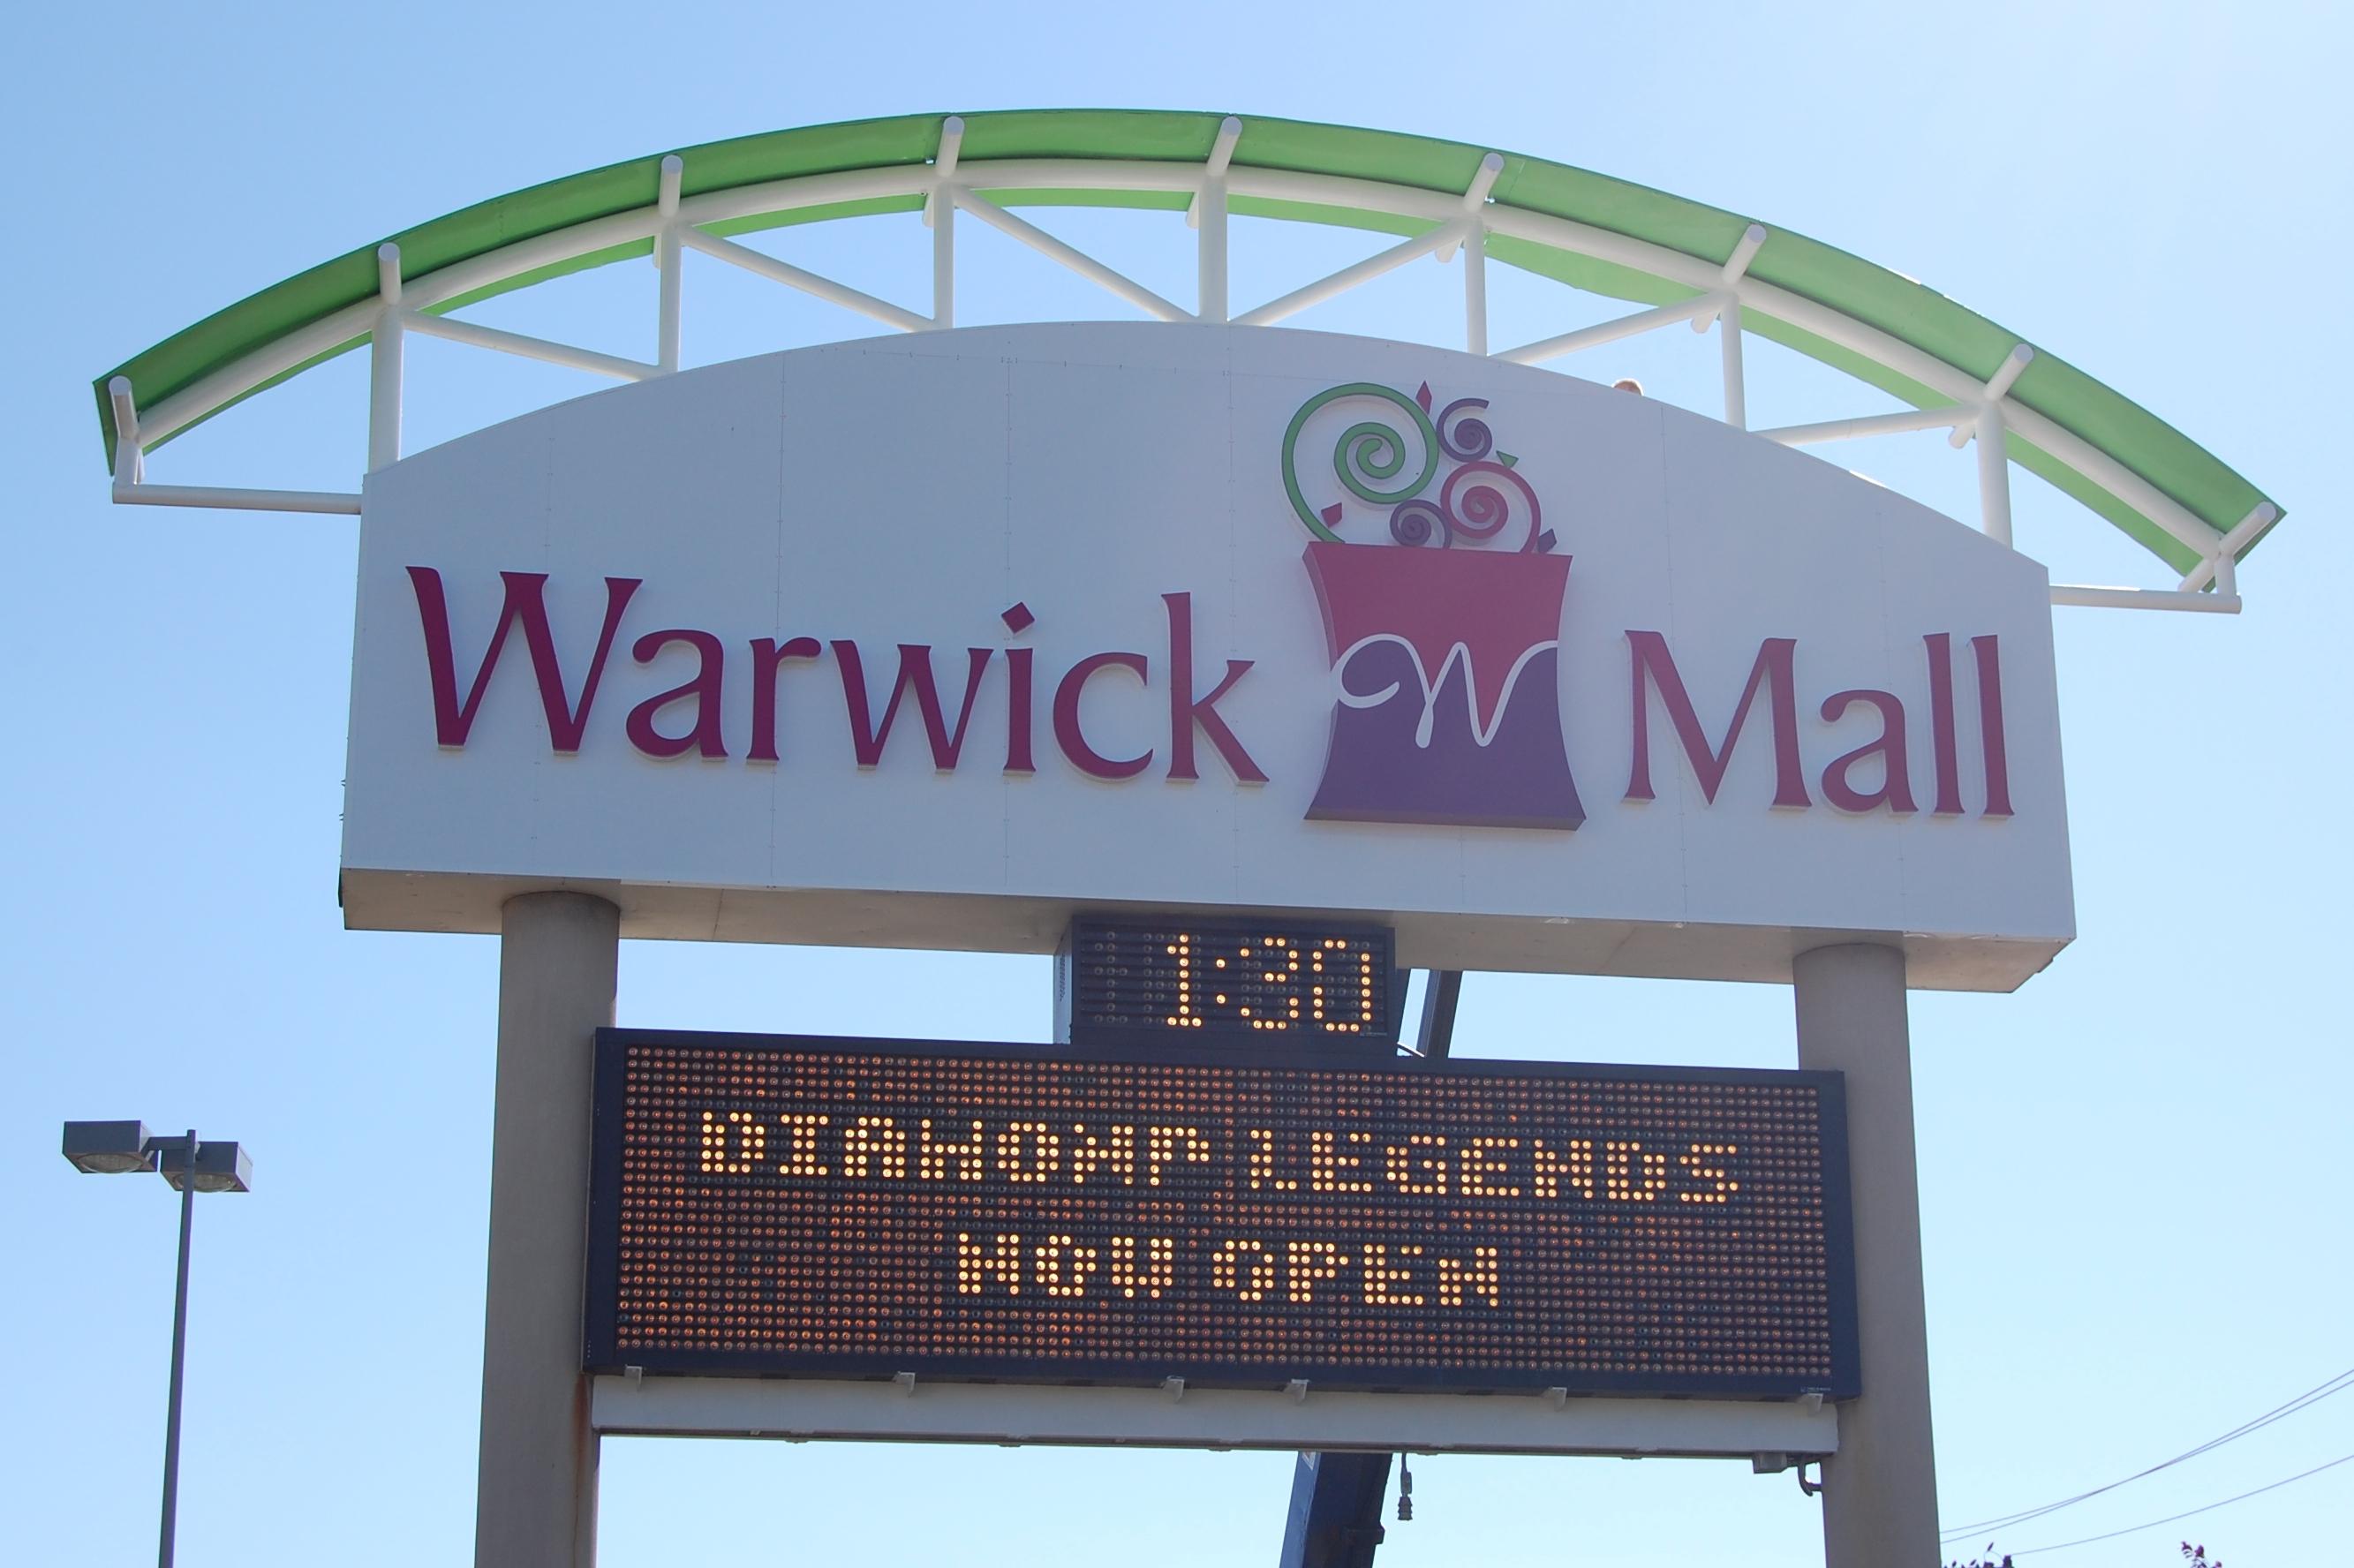 Warwick movies and movie times. Warwick, RI cinemas and movie theaters.